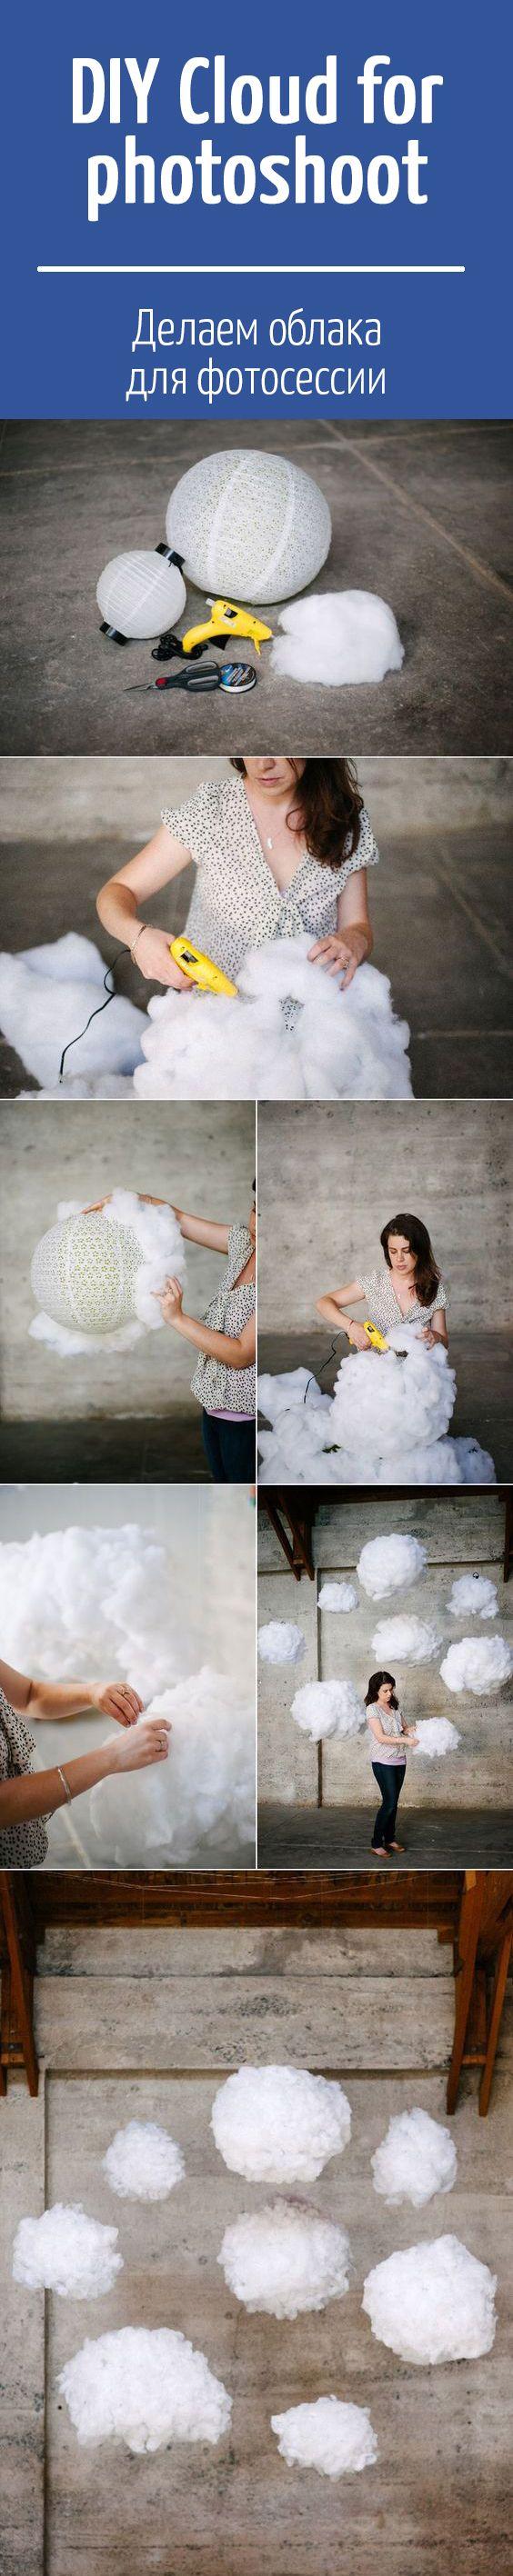 DIY Cloud for photoshoot /  Делаем своими руками пушистые облака дляфотосессии